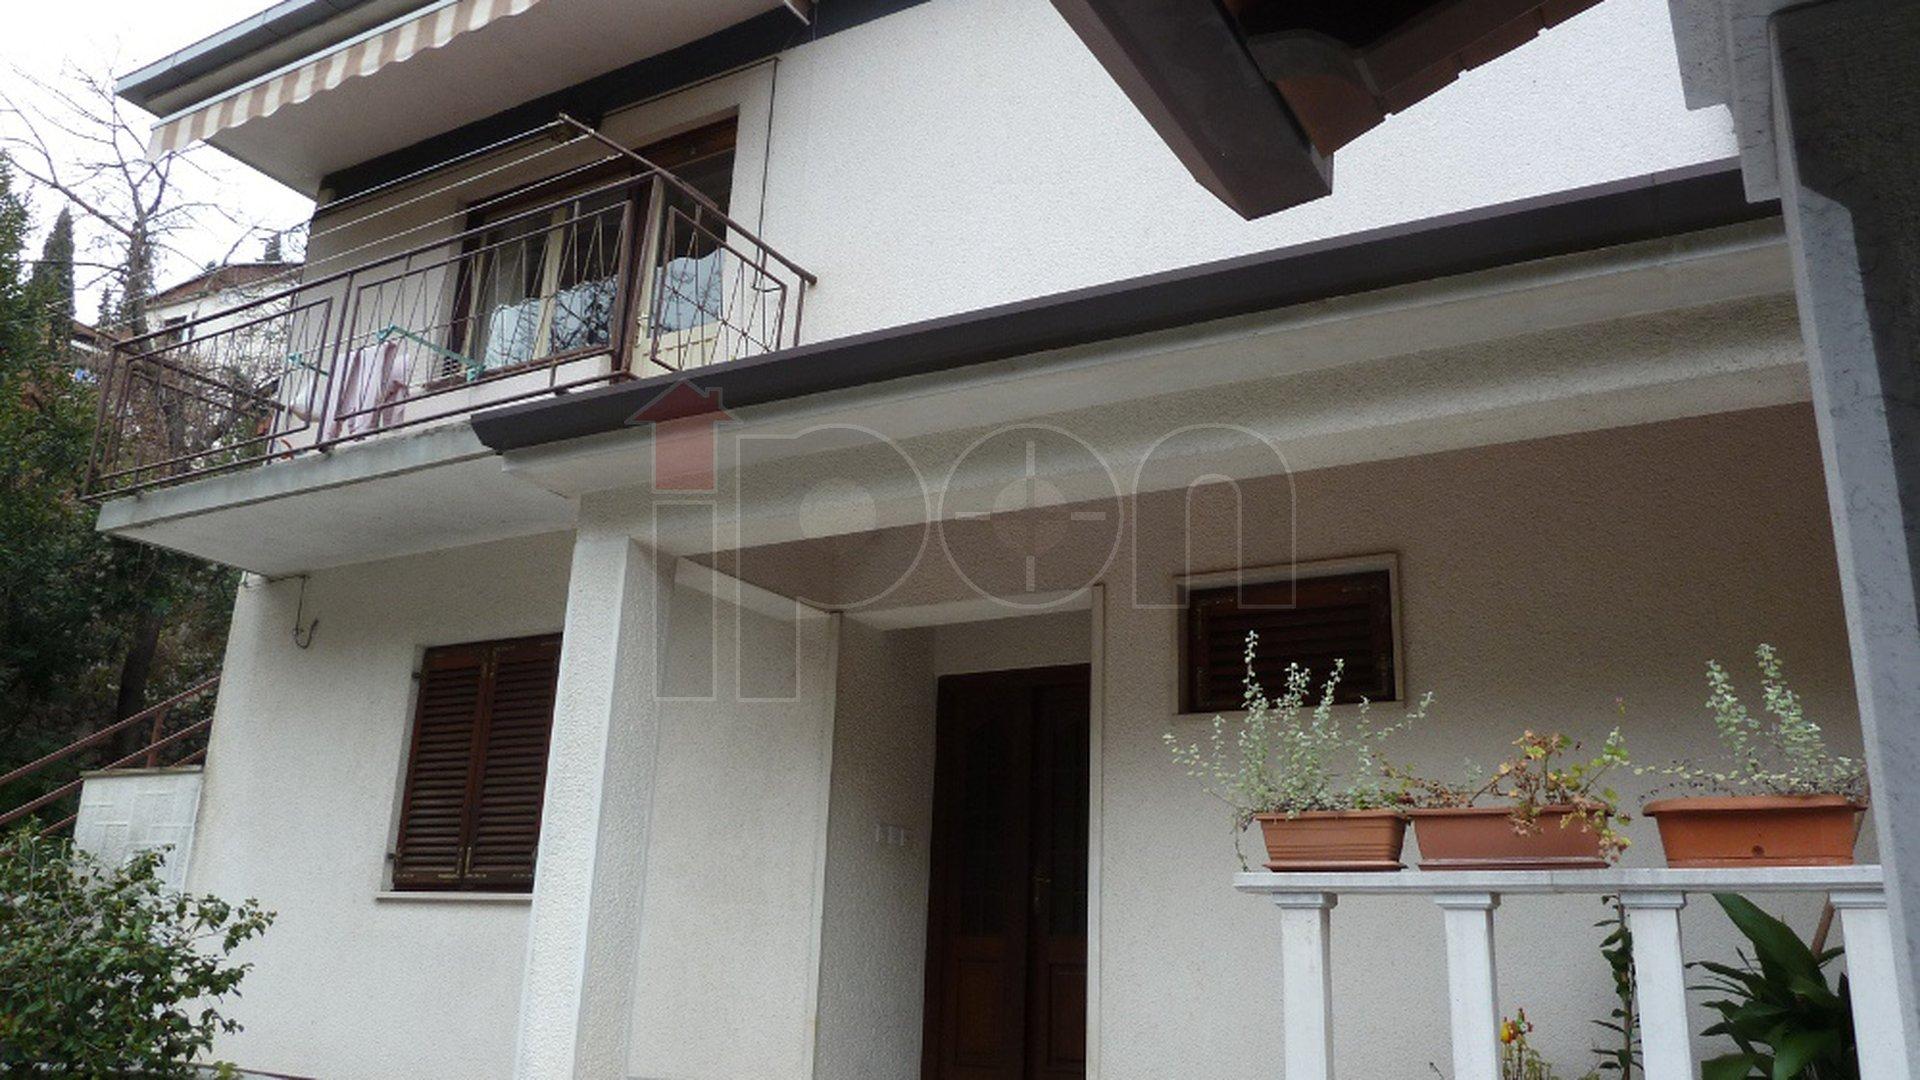 Bivio, elegantna samostojeća kuća površine 250 m2 sa 2 odvojena stana,    u blizini plaže!